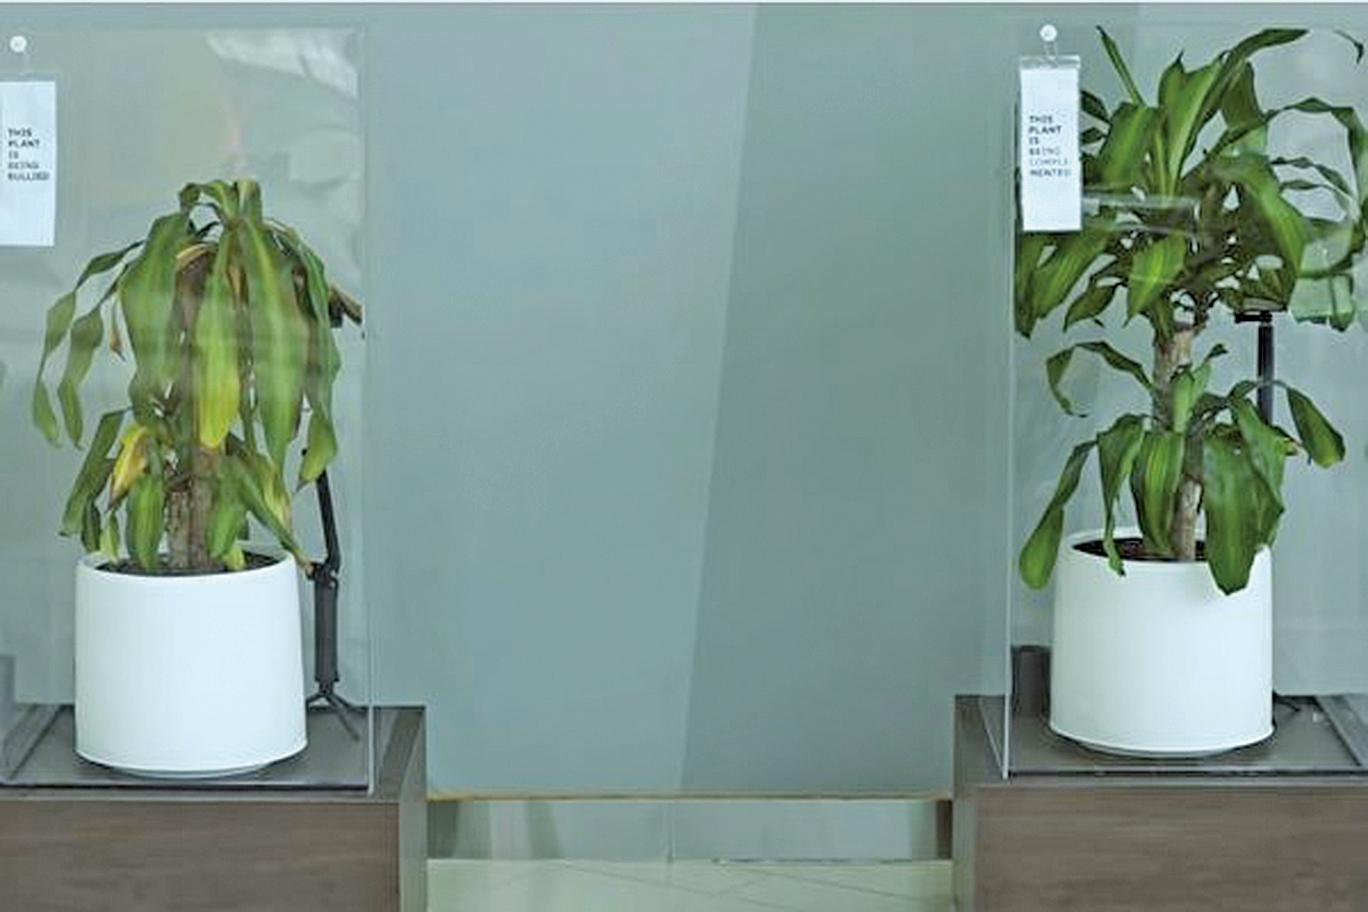 IKEA實驗植物被言語霸淩和讚美 結果驚人